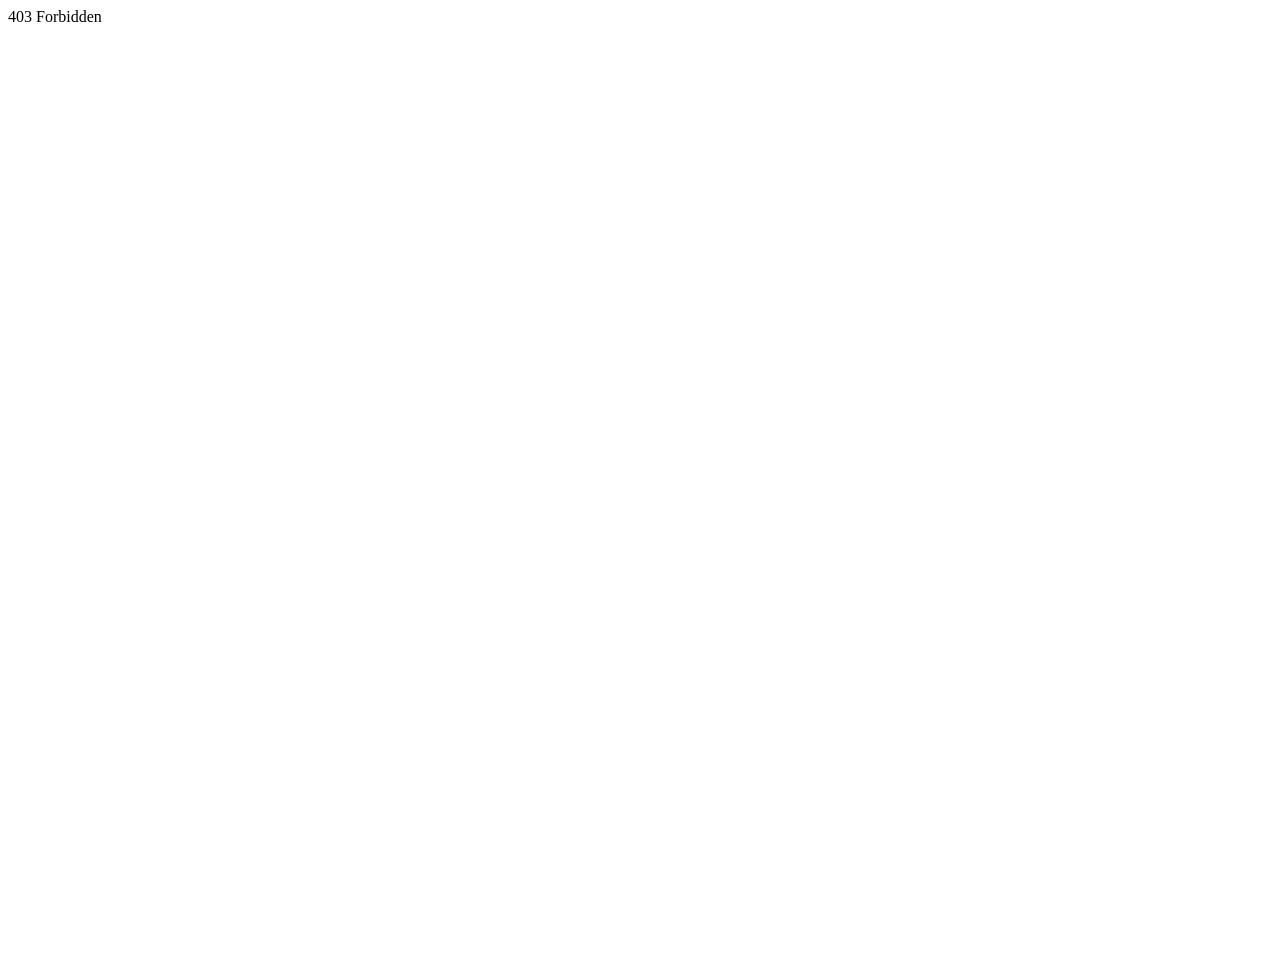 田中巳穂ピアノ教室のサムネイル